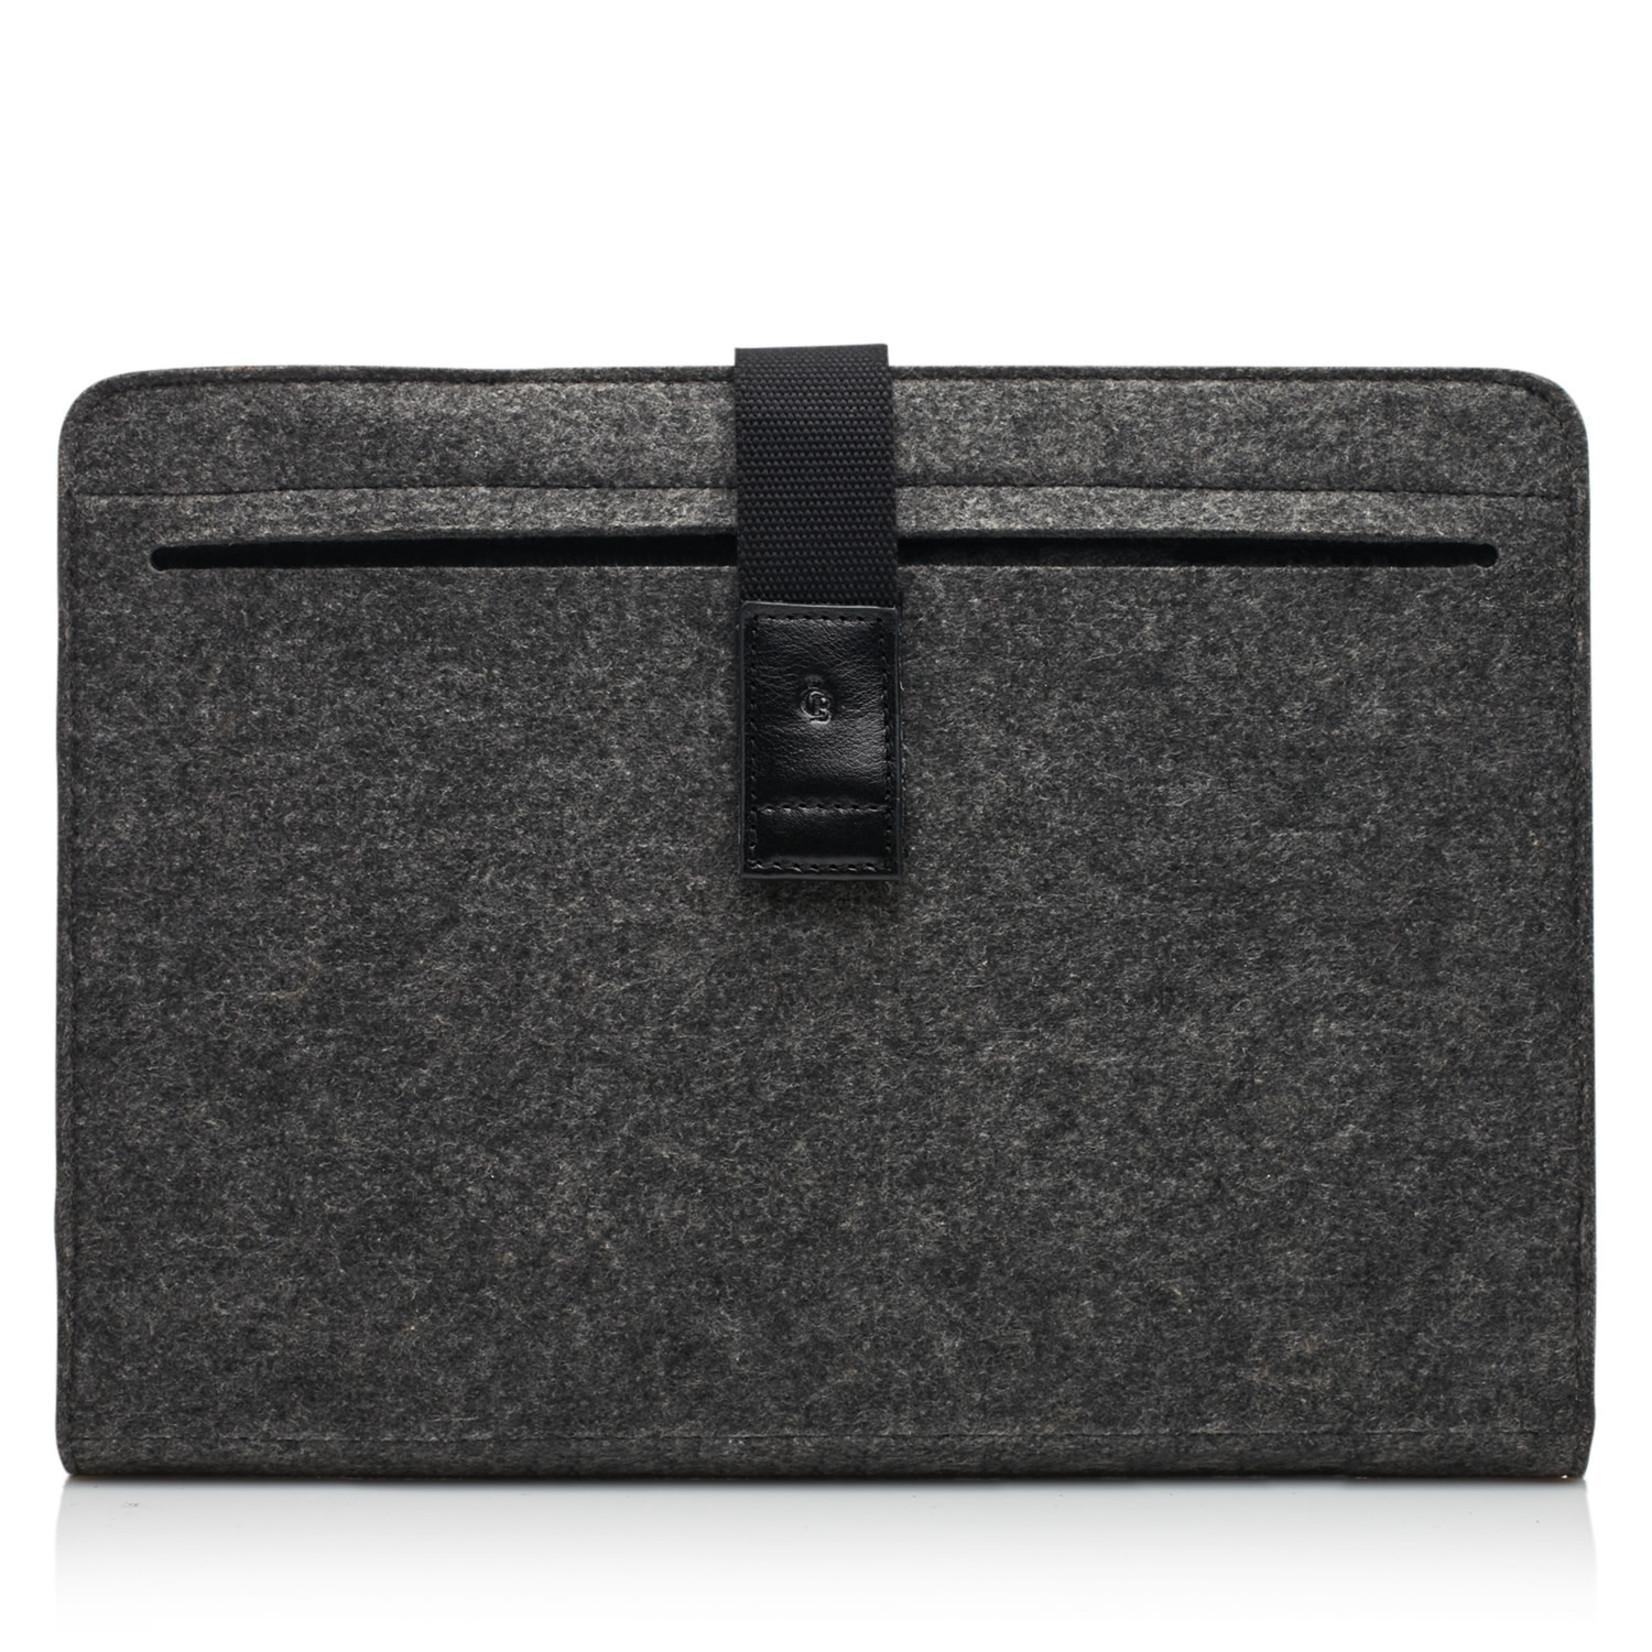 Castelijn en Beerens Laptopsleeve Grijs met zwart bandje